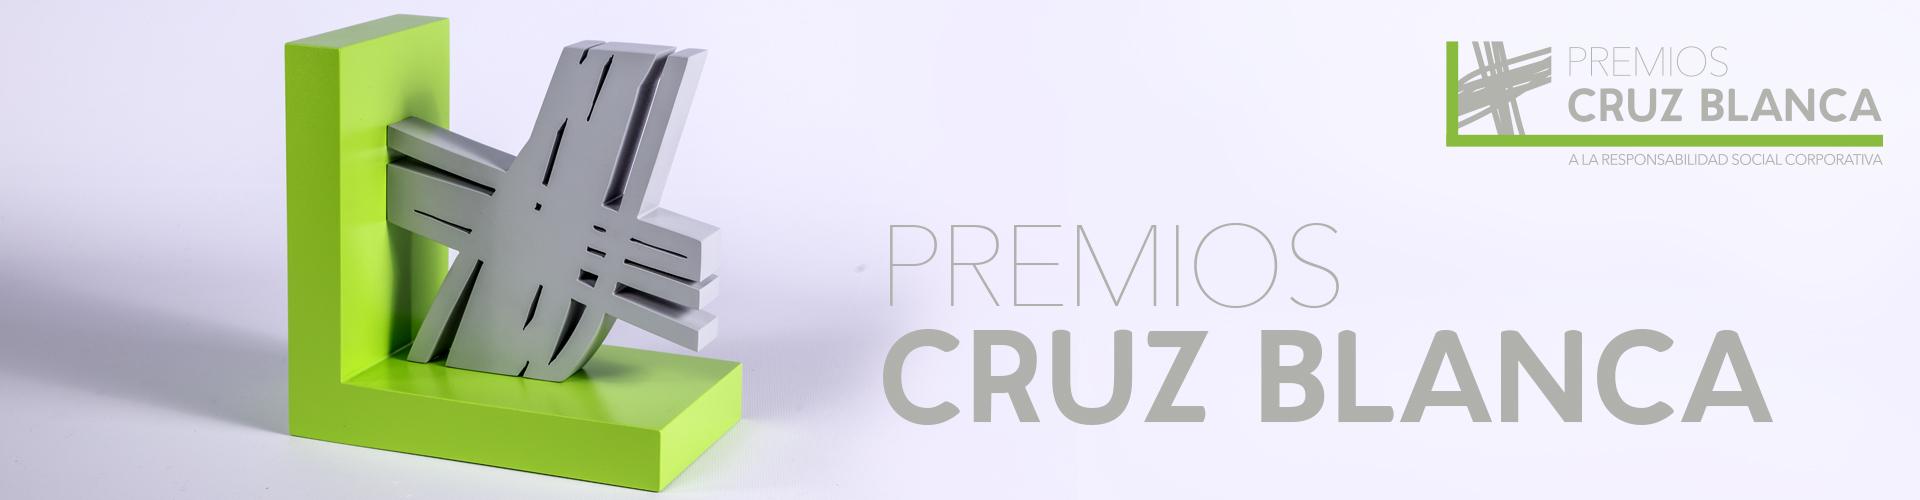 premios-cruz-blanca-cabecera